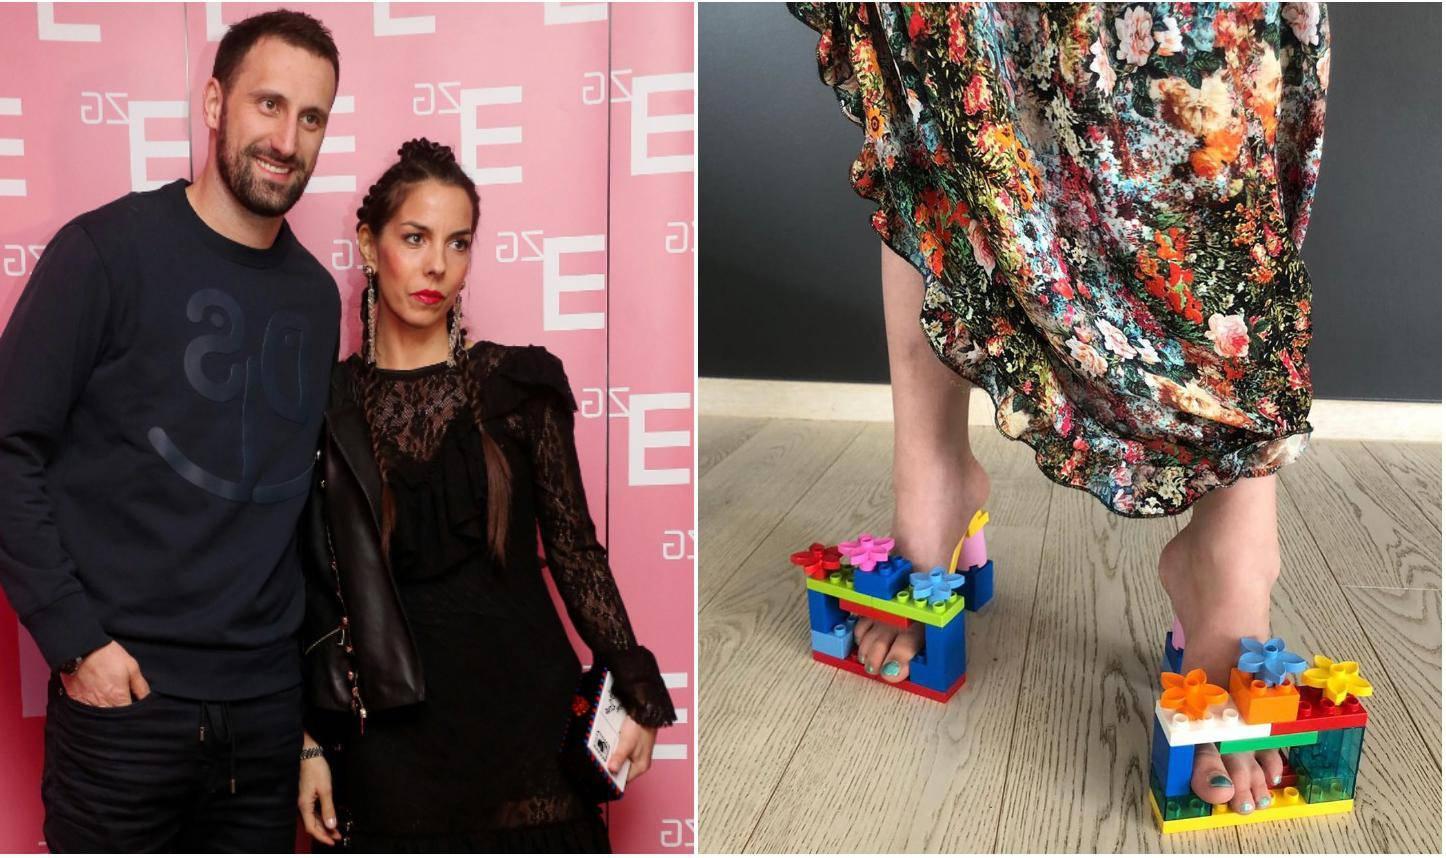 Olja Vori nosila štikle od Lego kocki: Izradio ih je njezin sin...